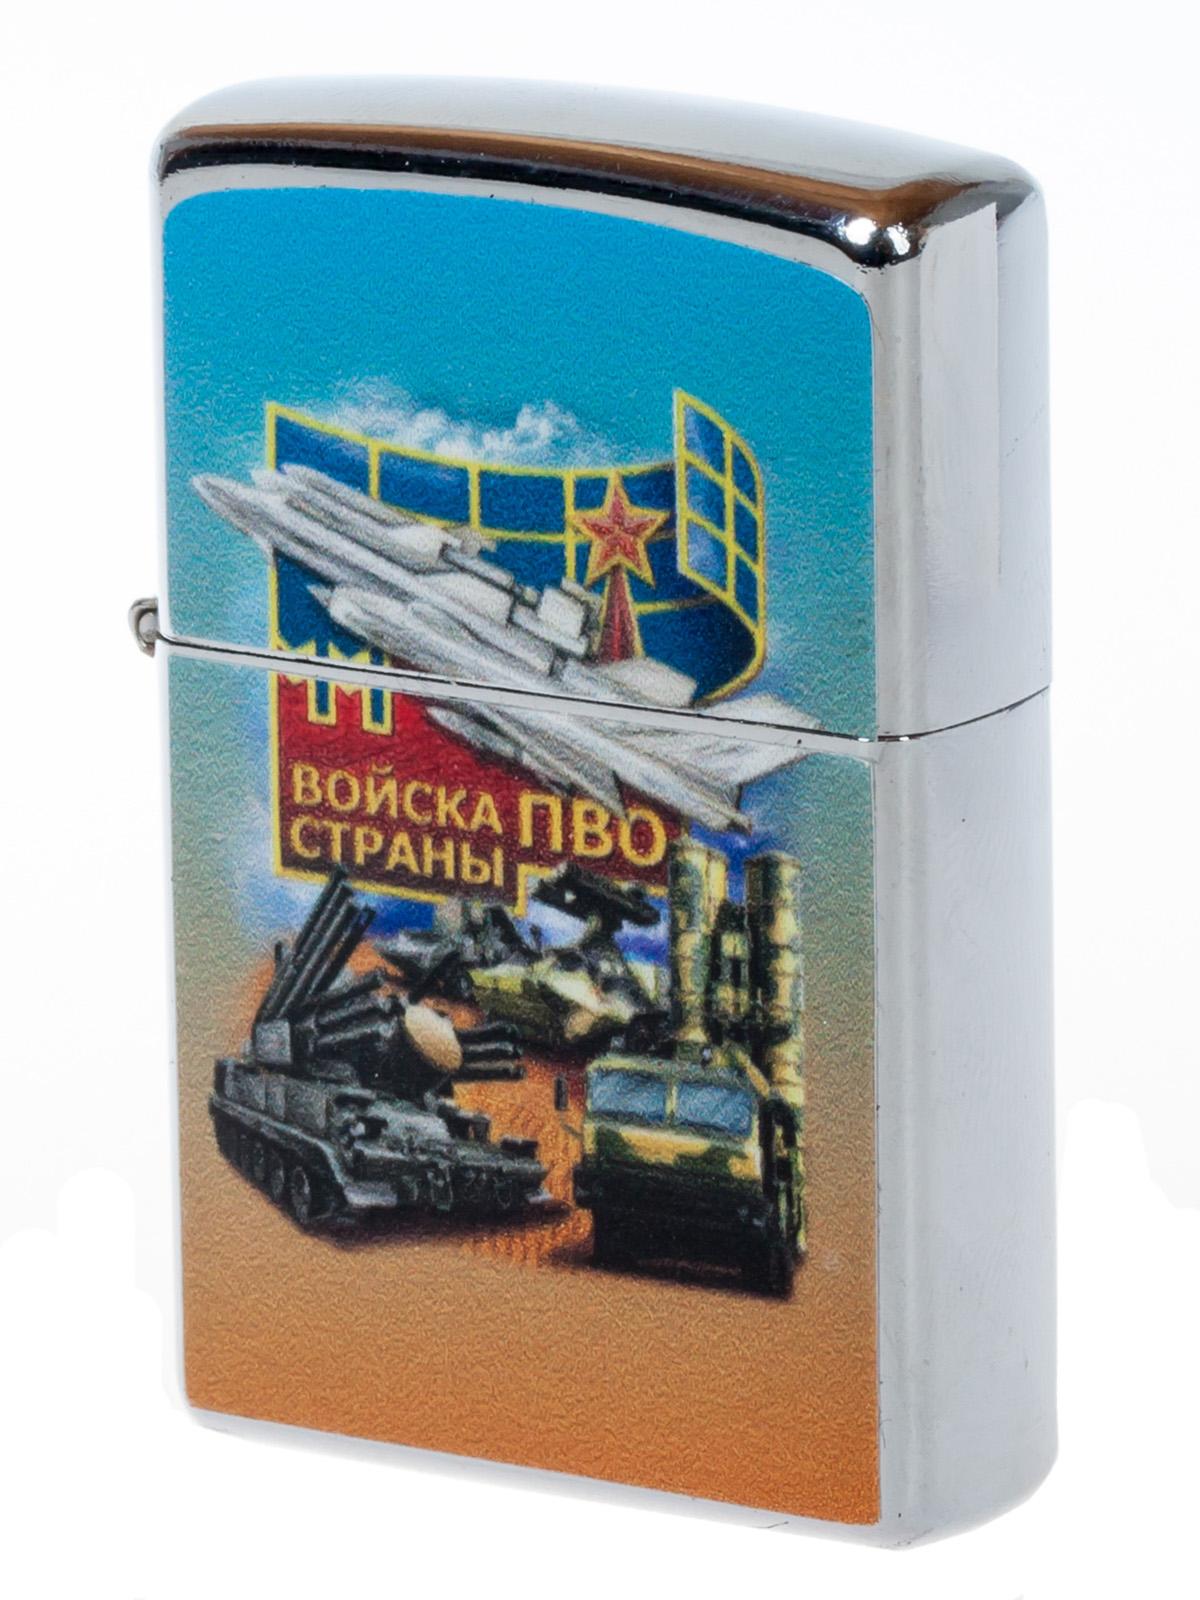 Купить зажигалку ПВО России